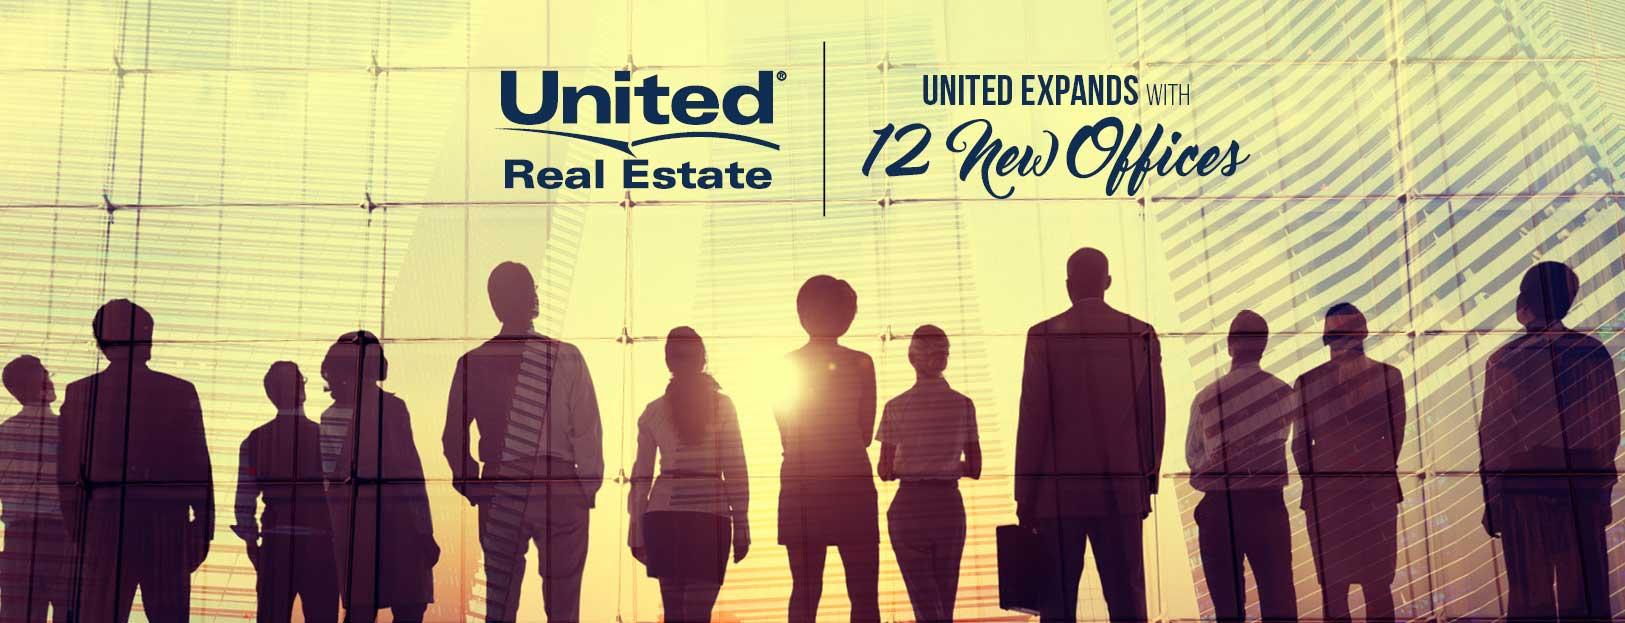 united-expand